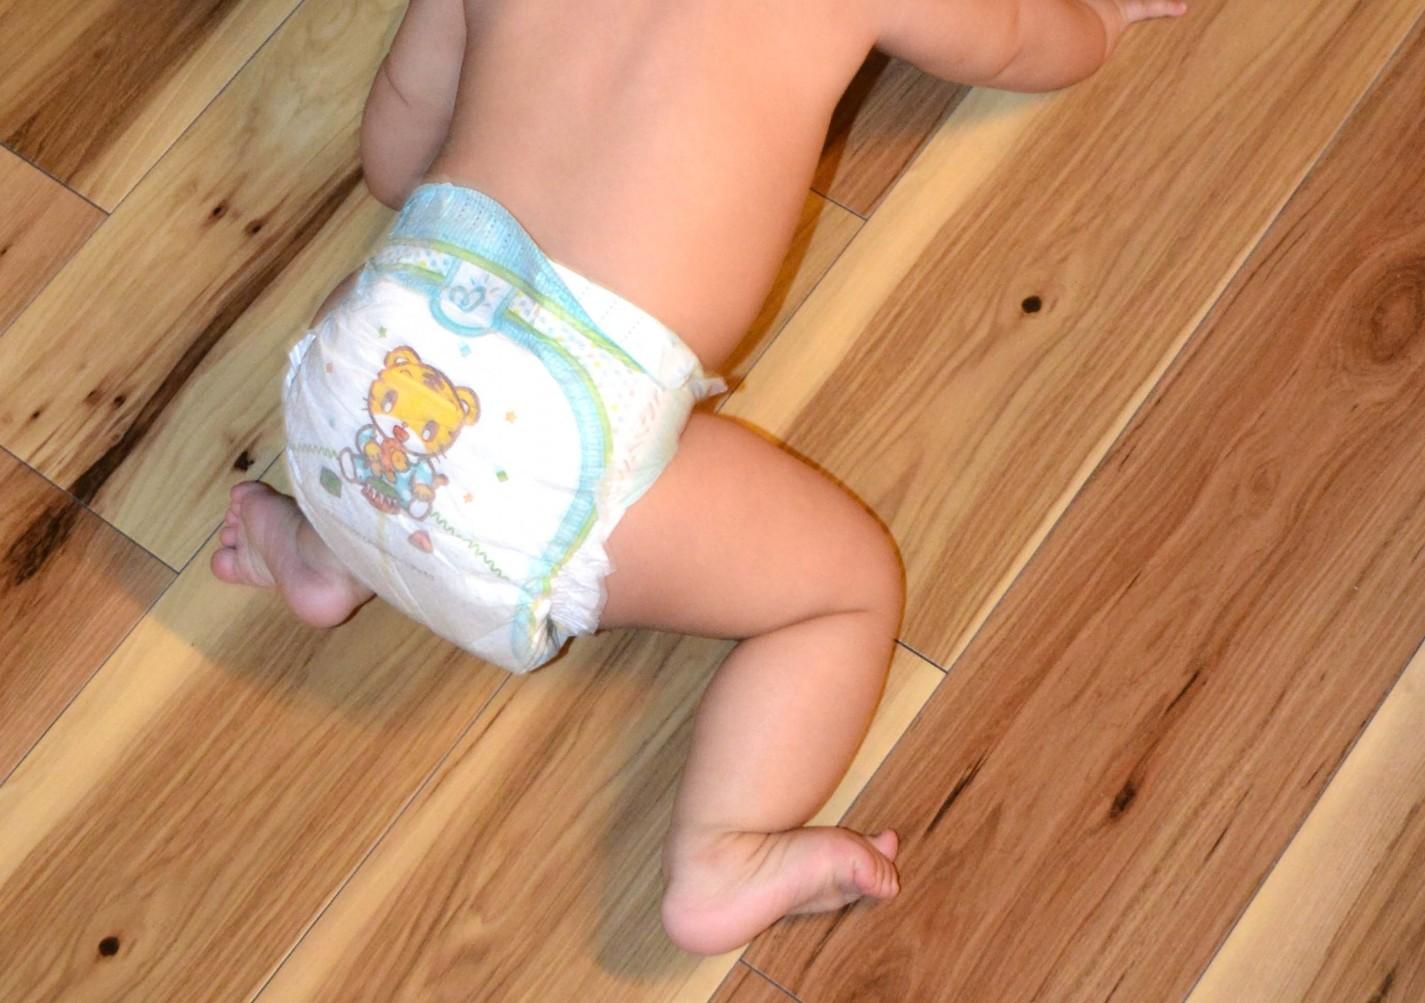 赤ちゃんのおむつがずれて半ケツになったり外れたりするときの対処法とは?